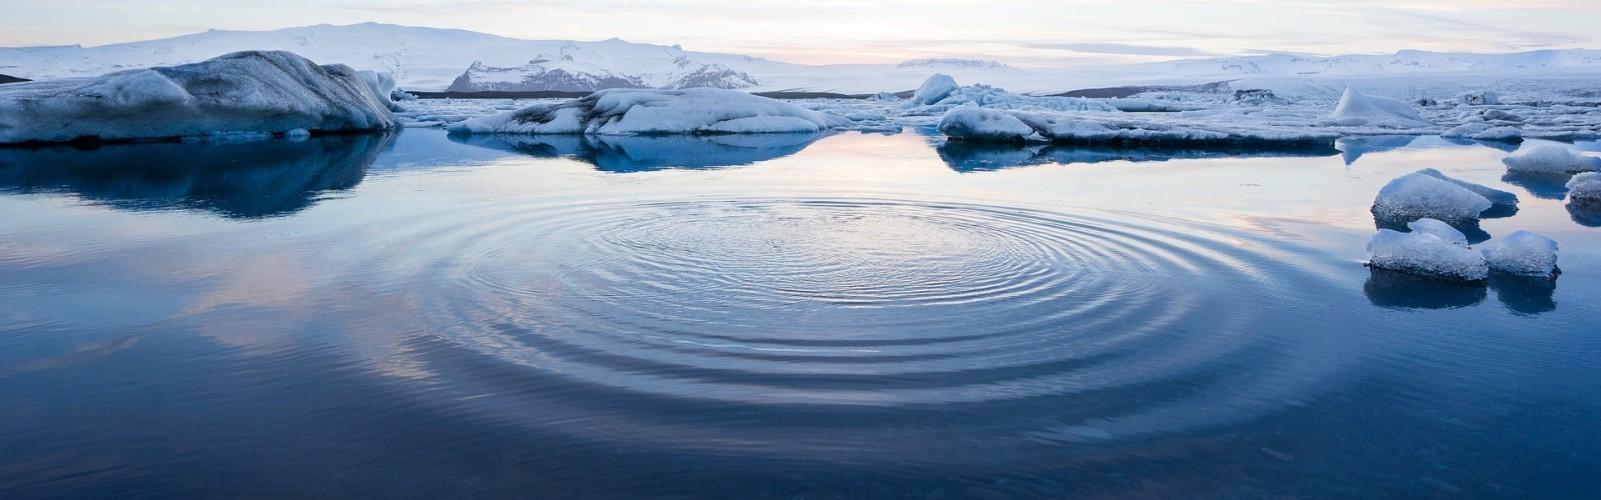 arctic-983917_1920